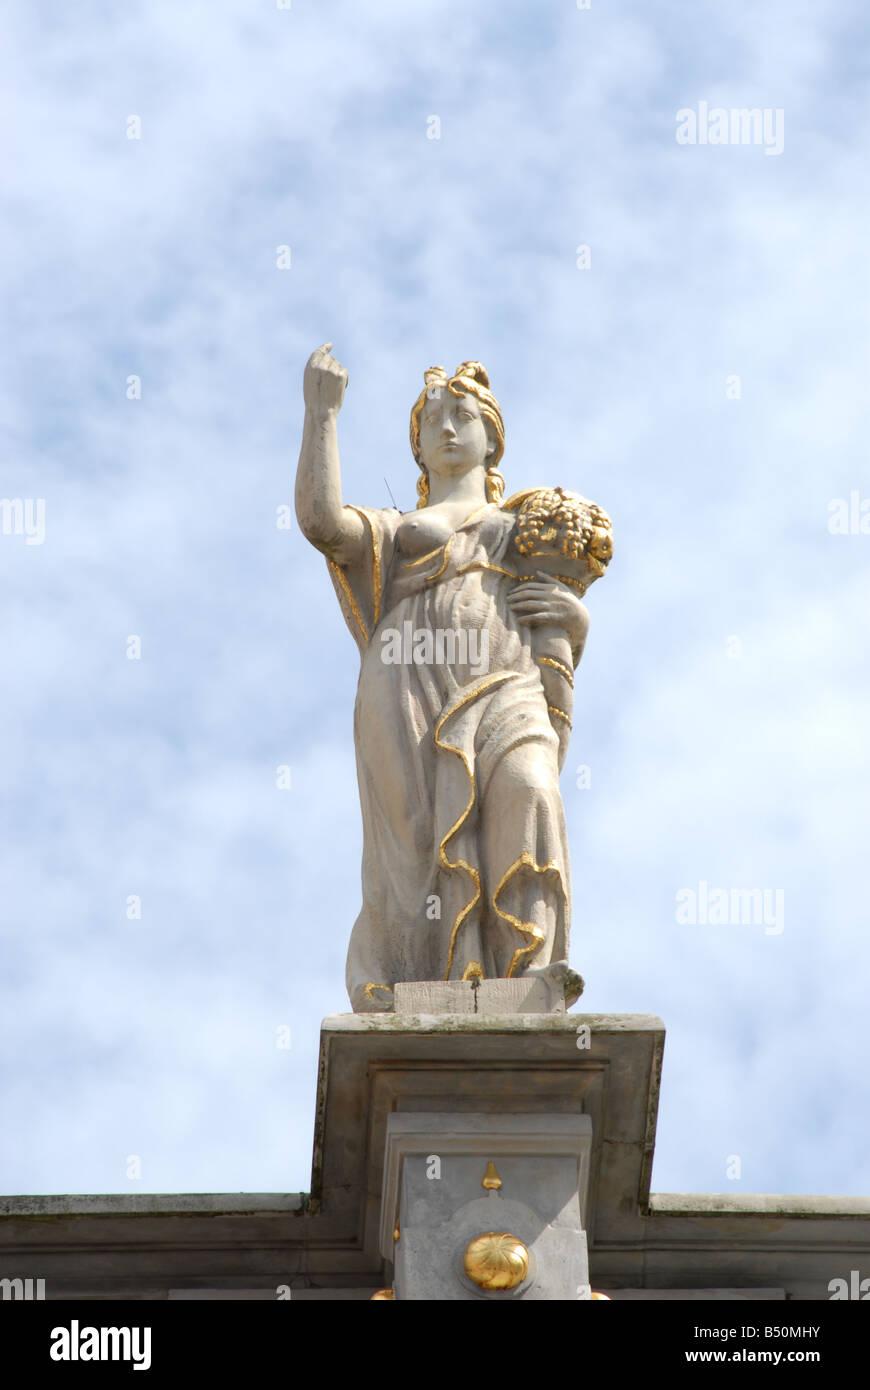 Des statues de femmes sur le Golden Gate Zlota Brama Gdansk Pologne Photo Stock